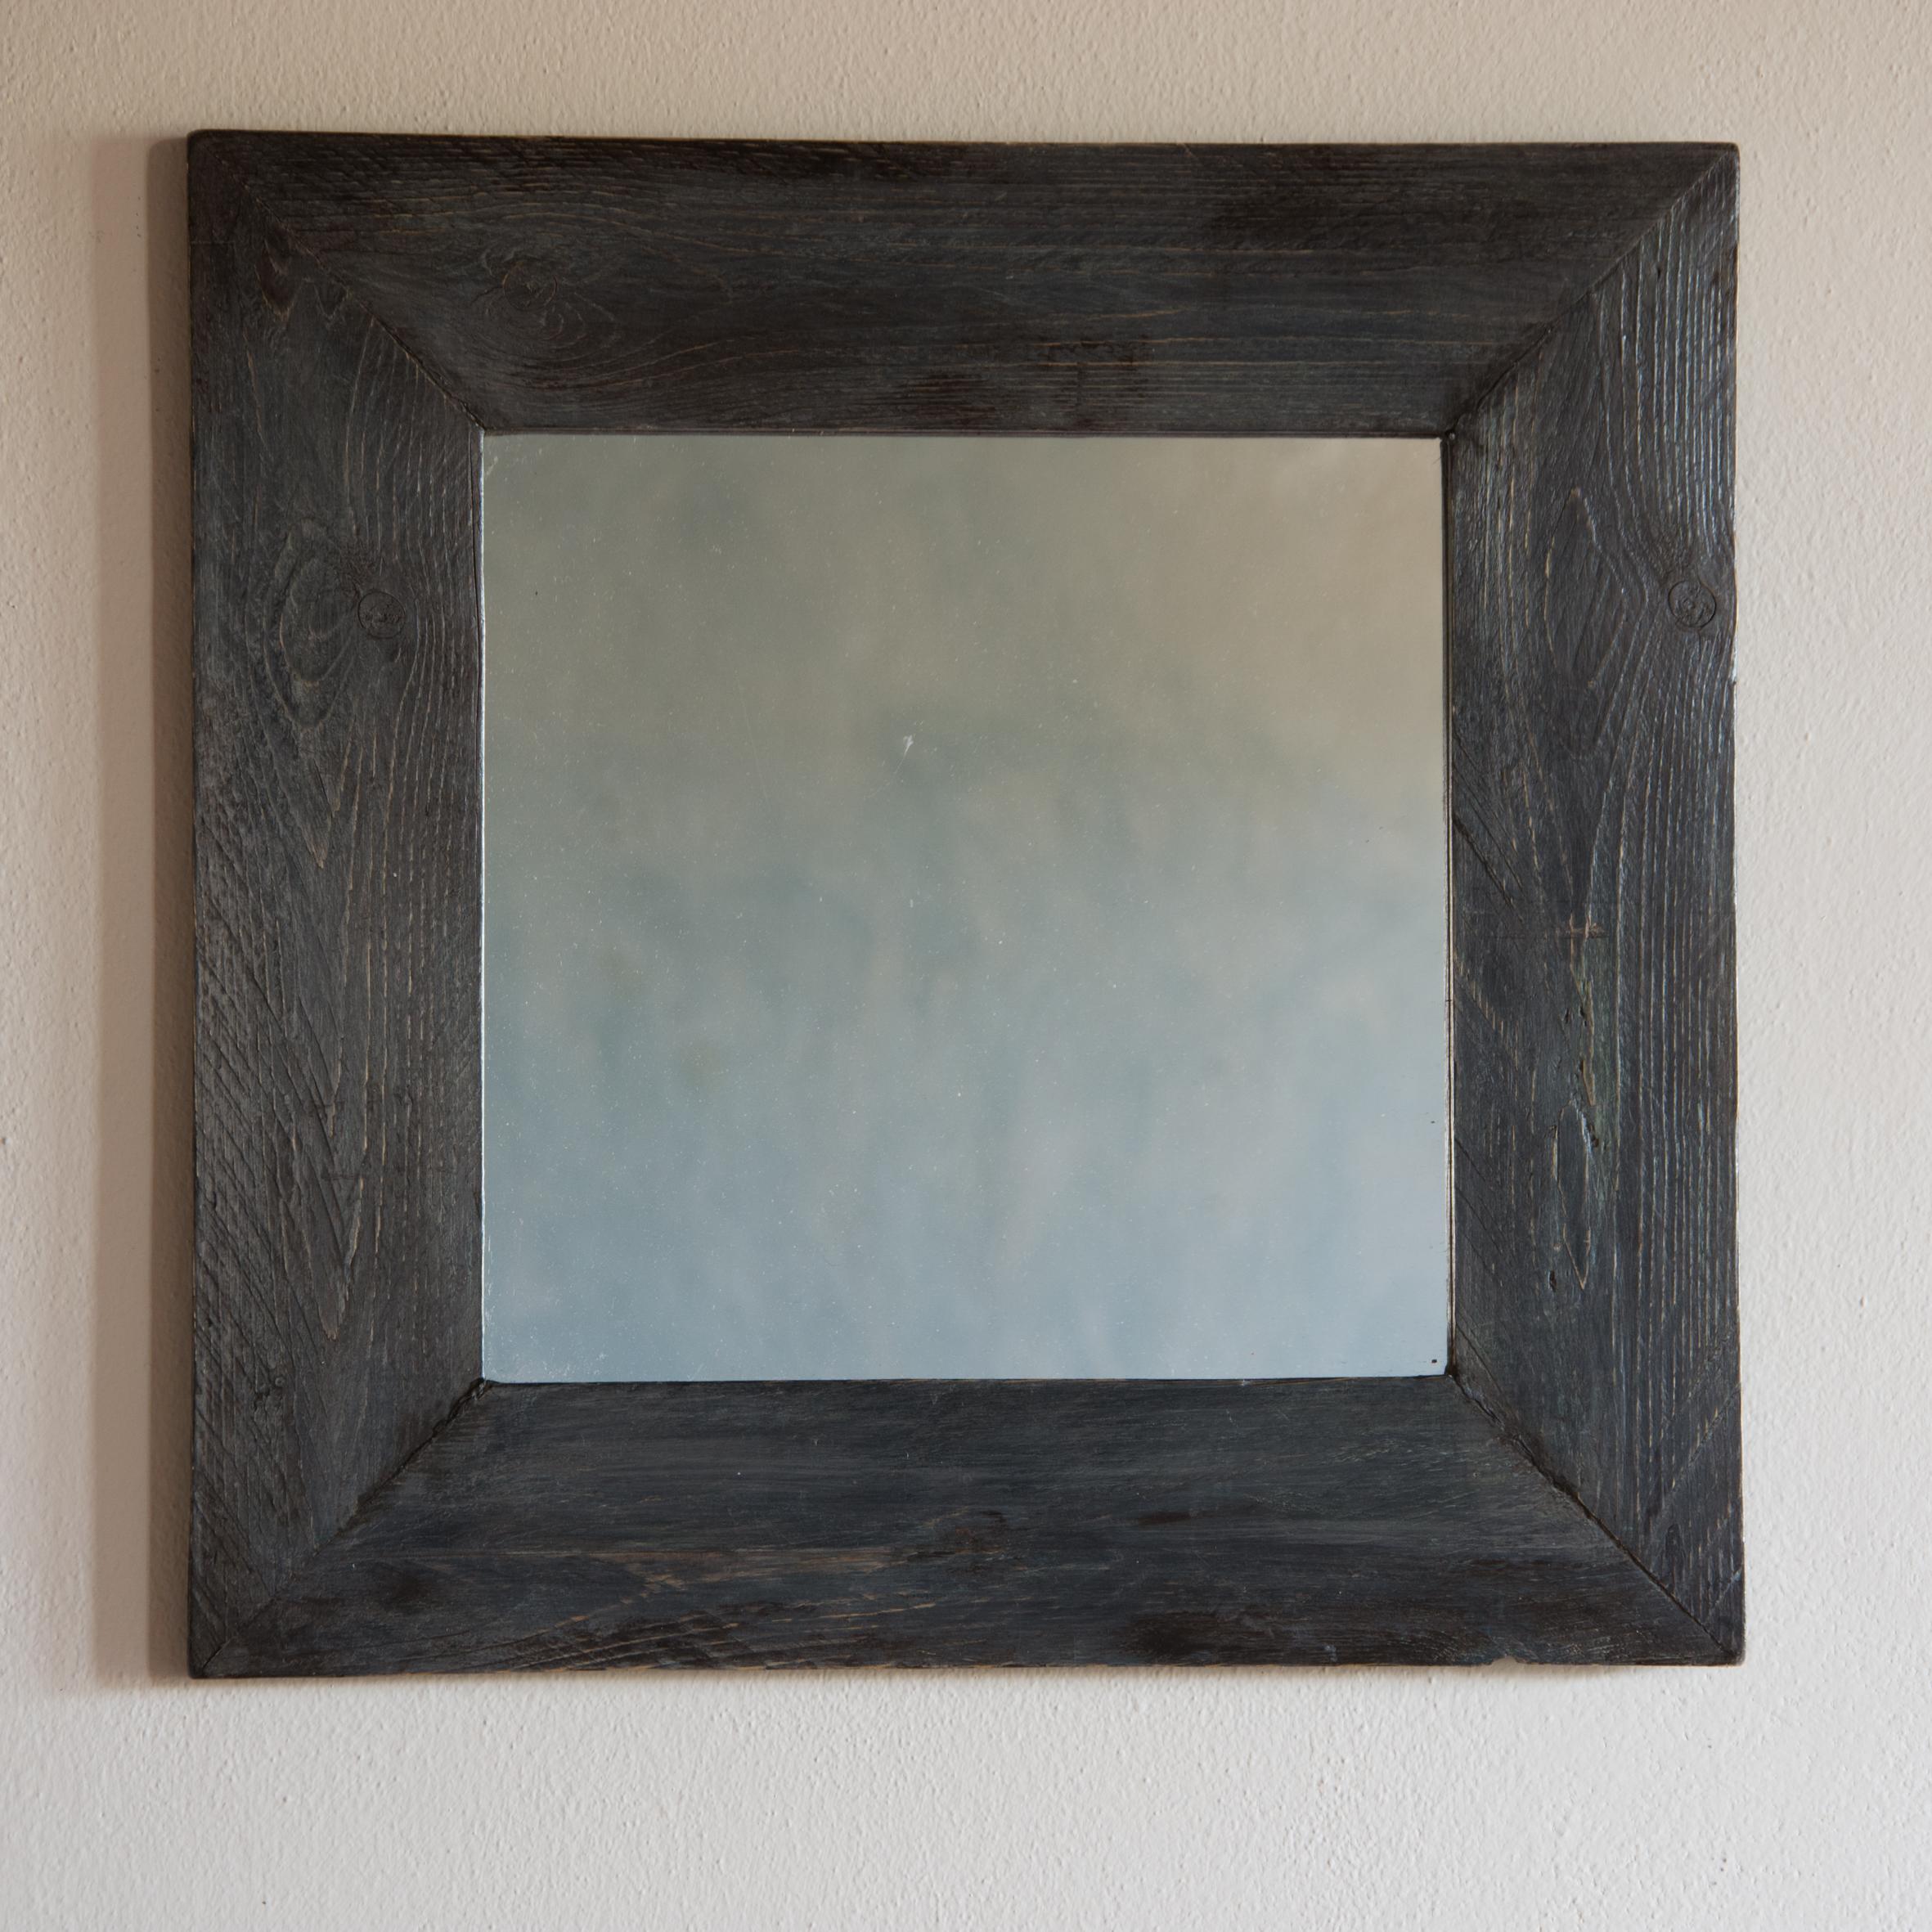 Specchio no. 10 in legno di recupero ristrutturato grigio antracite